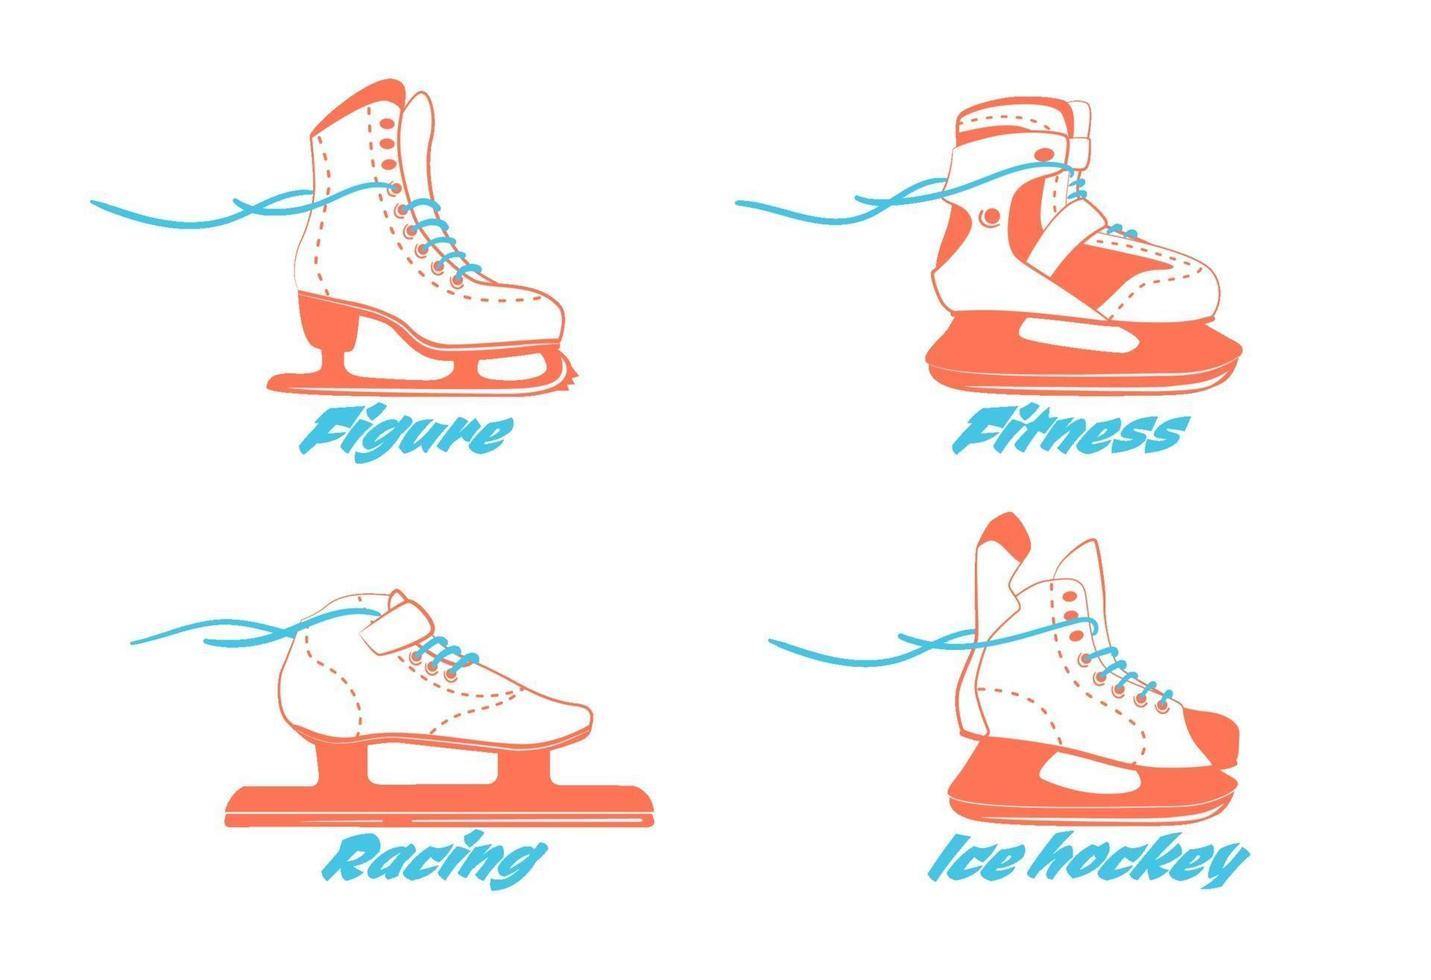 set di diversi pattini da ghiaccio - figura, fitness, corsa, hockey. tipo di scarponi da pattinaggio sul ghiaccio. logo di attrezzature per sport invernali in colori vintage. illustrazione vettoriale isolato su sfondo bianco.